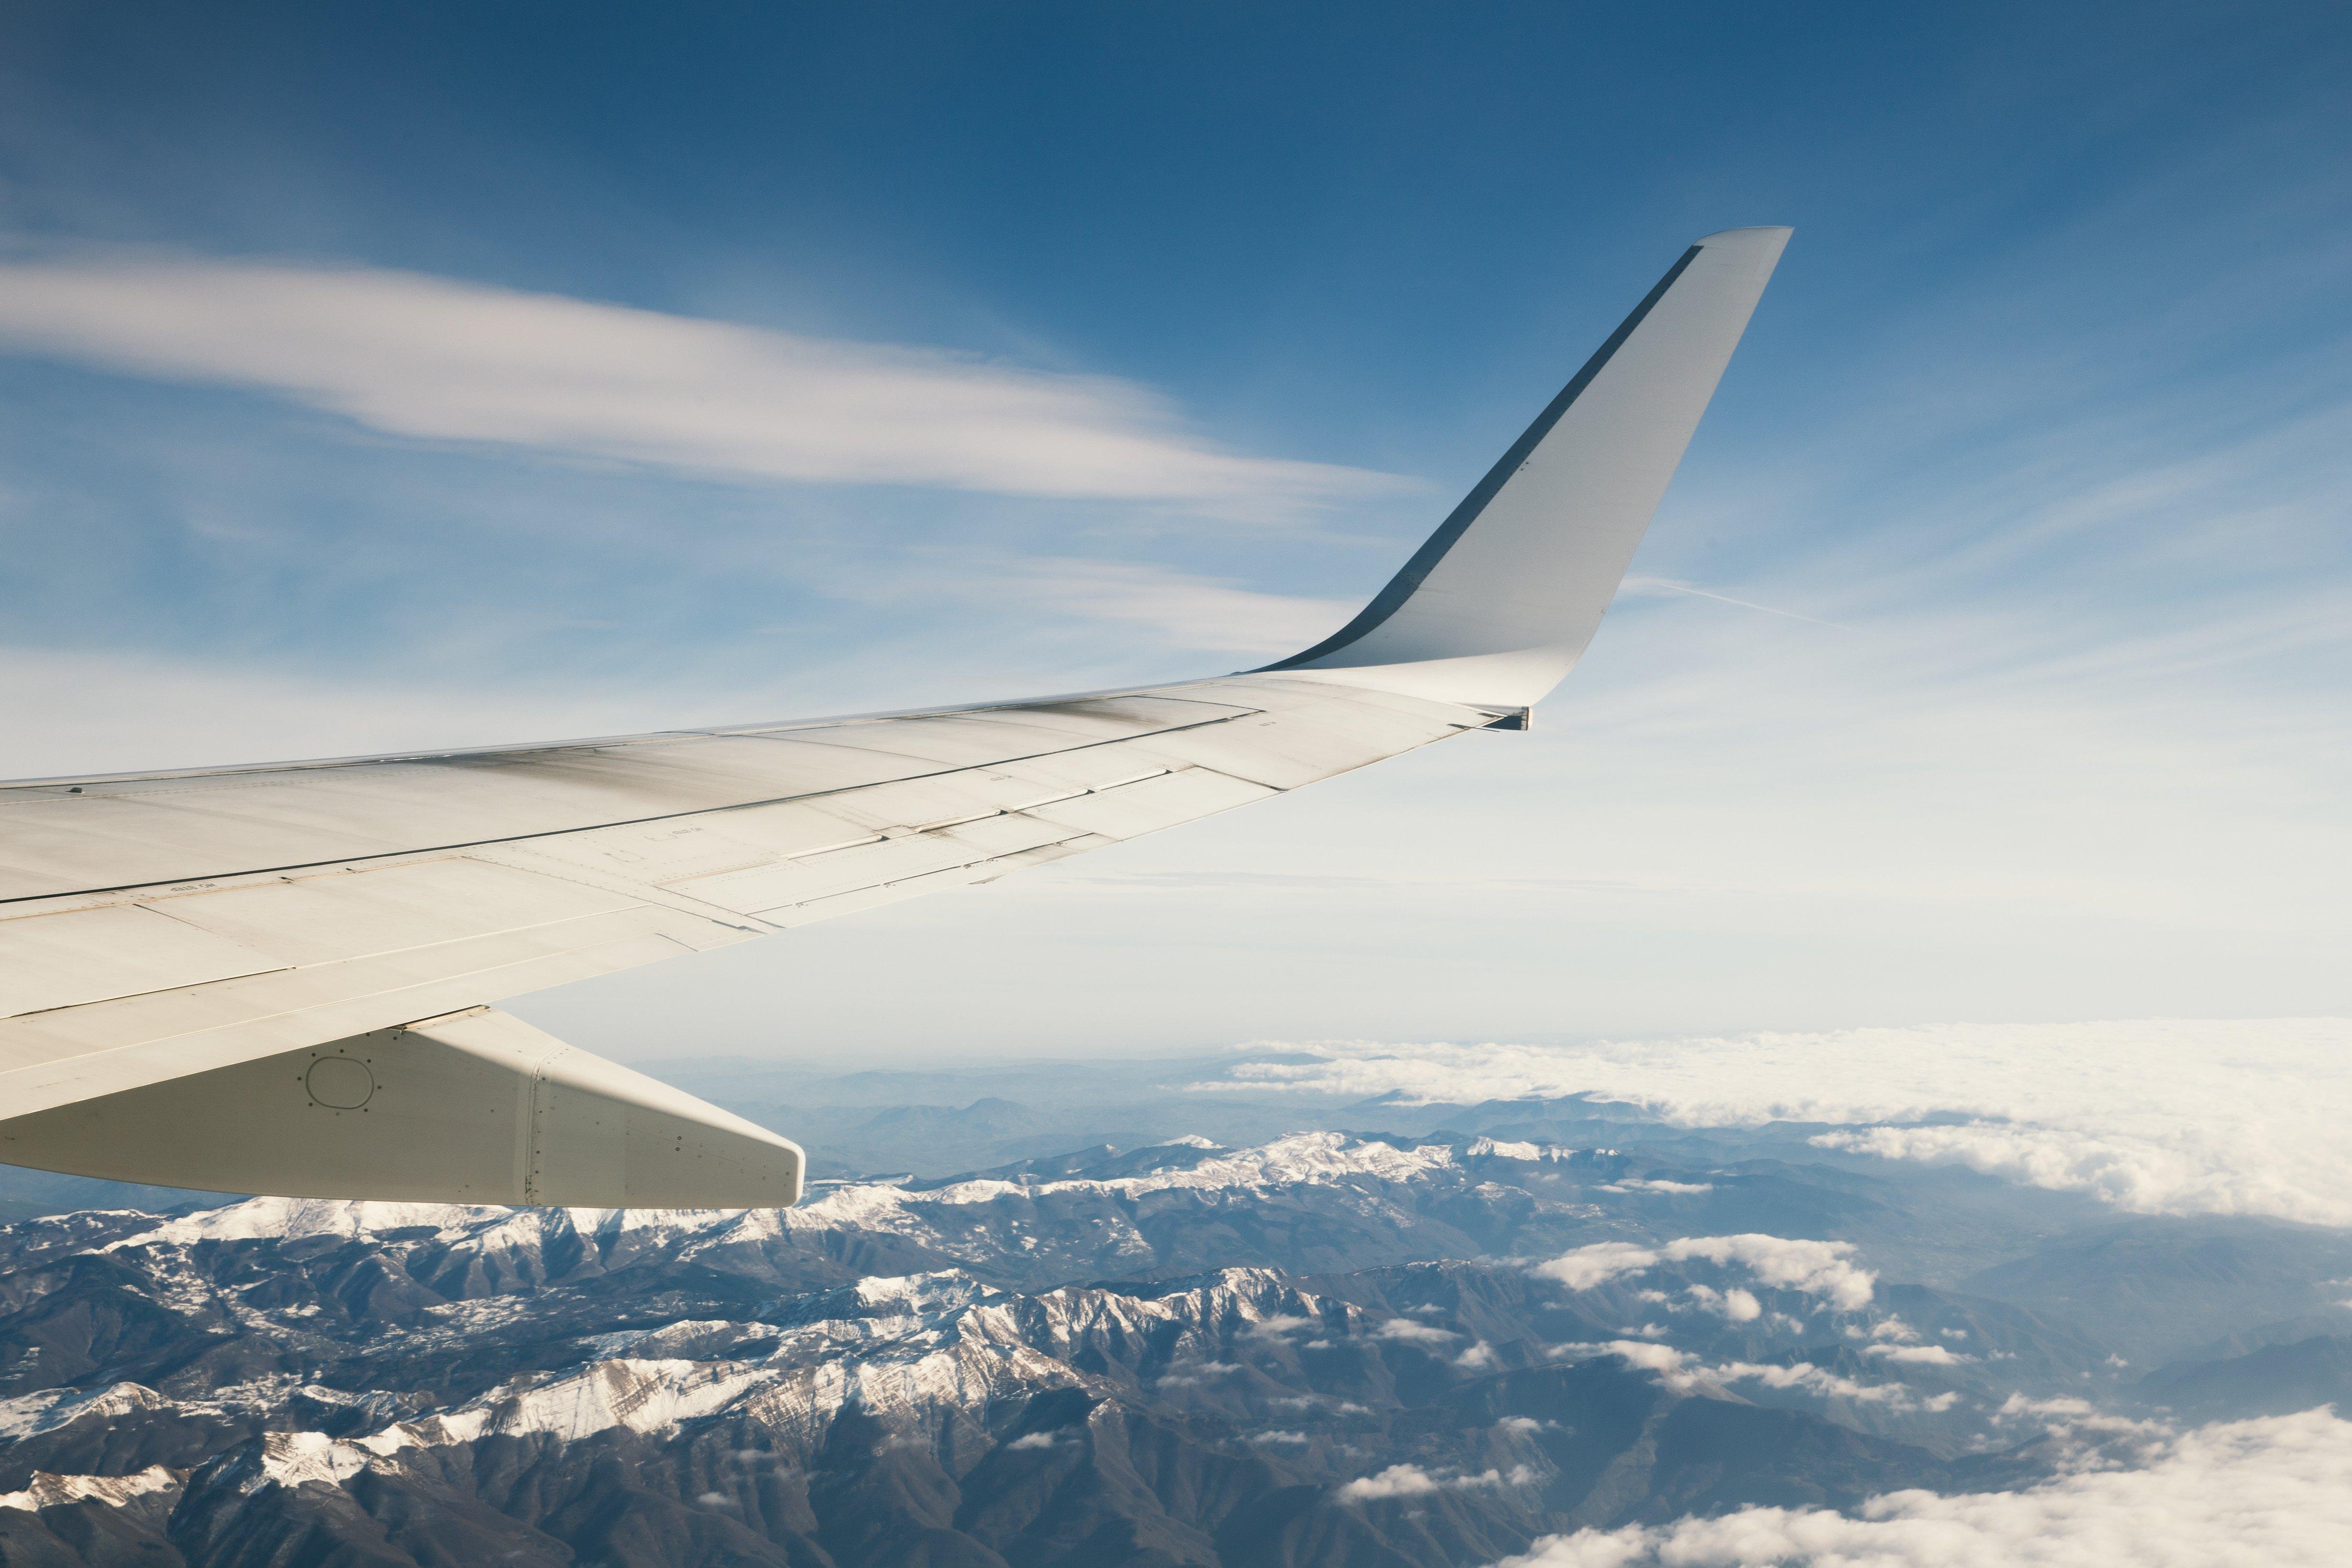 Aile d'avion sur montagnes